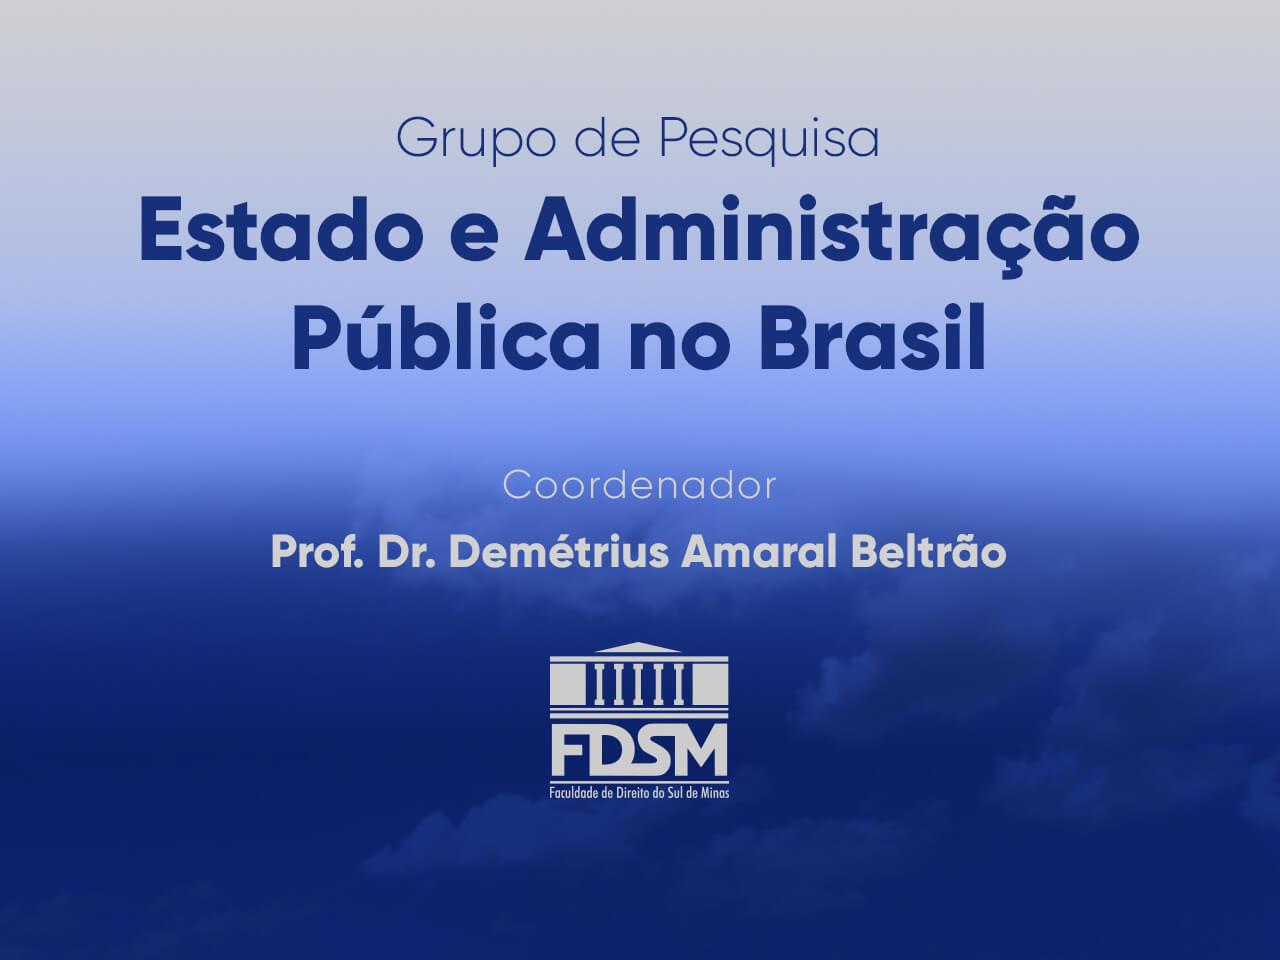 Noticia 6847 - RESULTADO PROCESSO SELETIVO - GRUPO DE PESQUISA 'ESTADO E ADMINISTRAÇÃO PÚBLICA NO BRASIL'